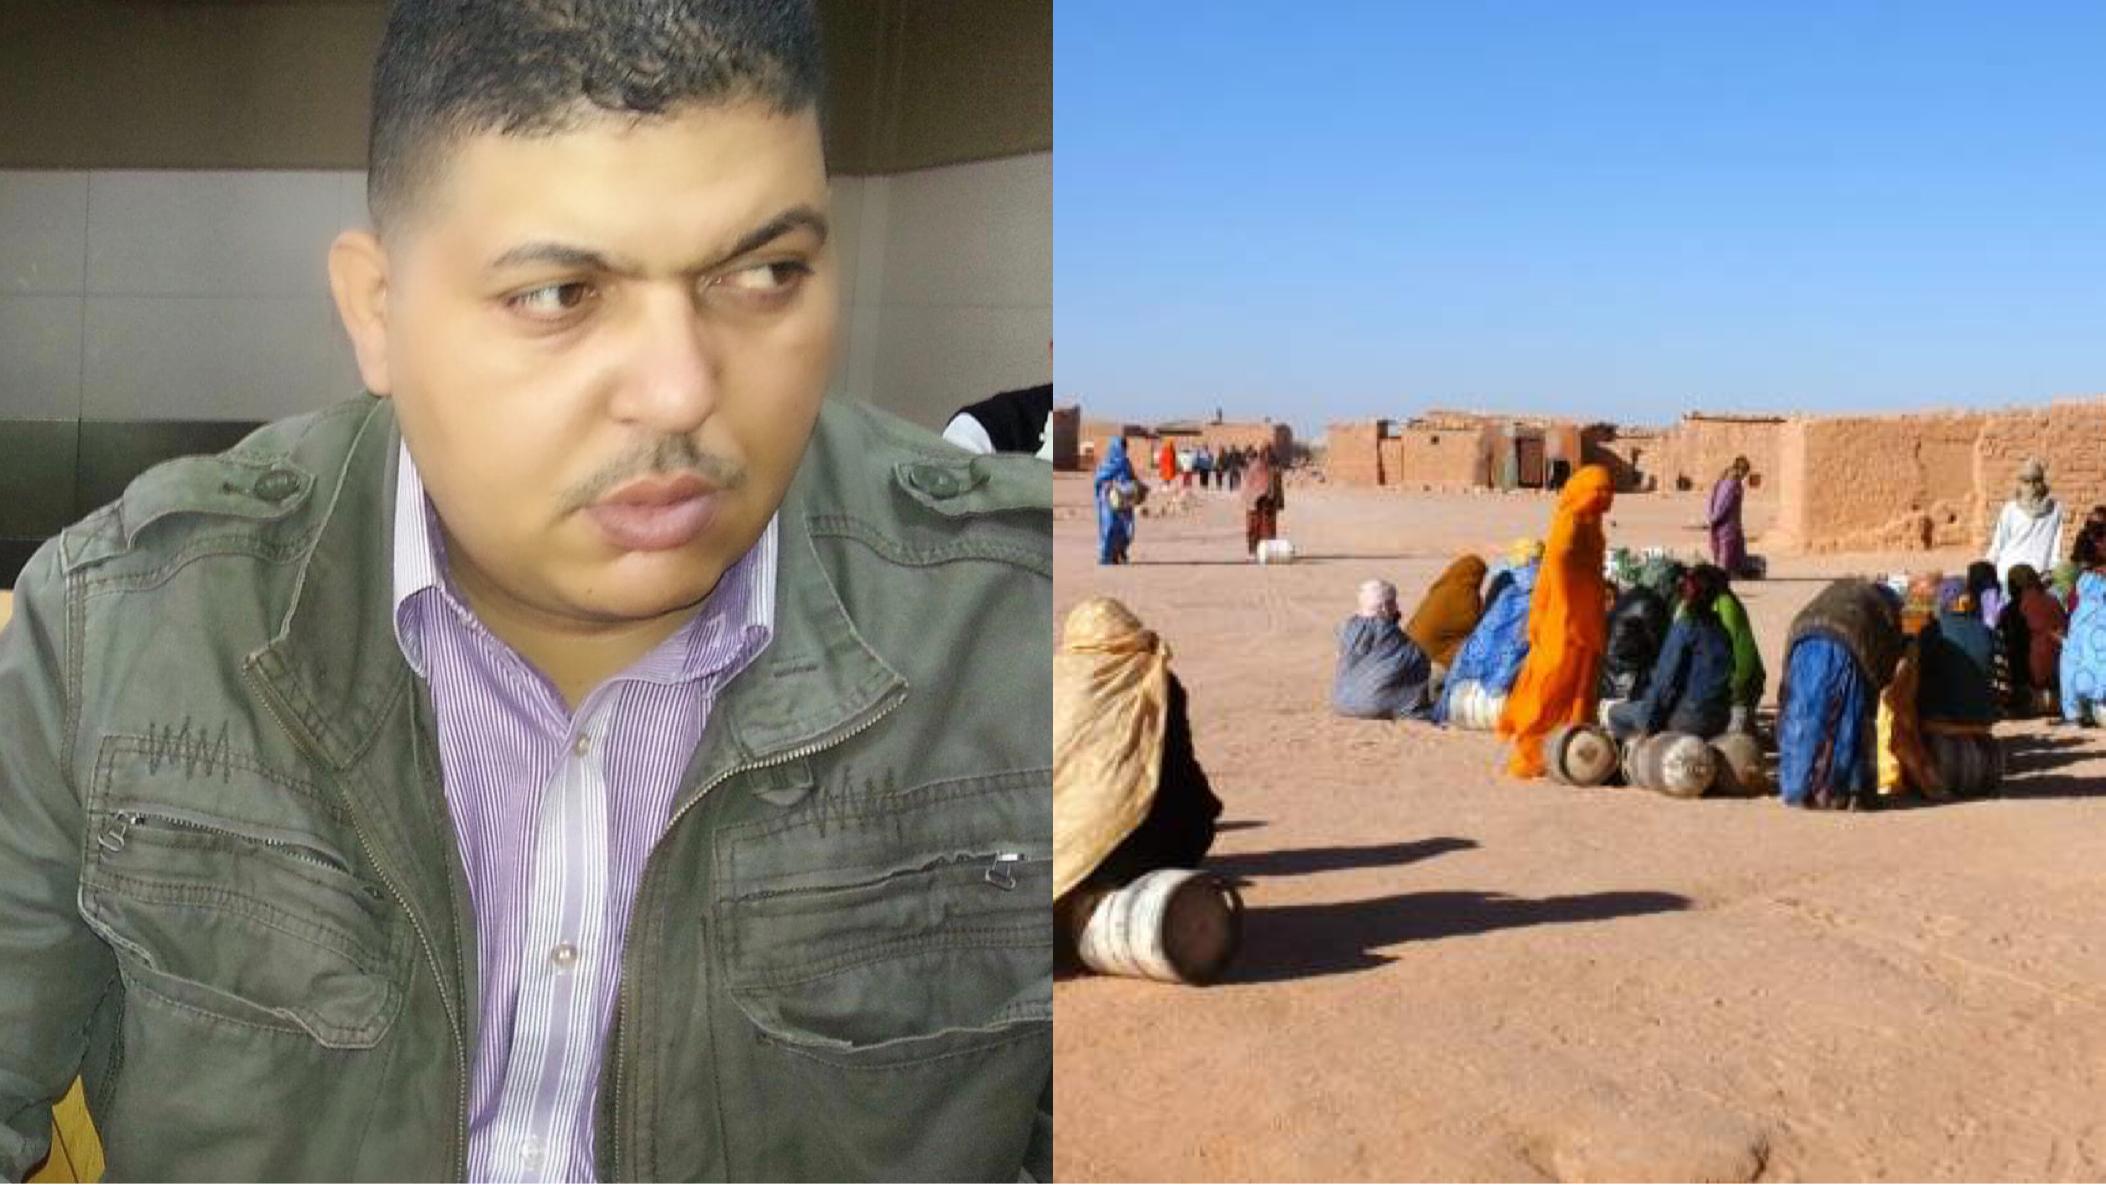 """صورة الناشط الصحراوي  تيلوب يدعو الصحراويين بـ""""تيندوف"""" الإلتحاق بالوطن"""